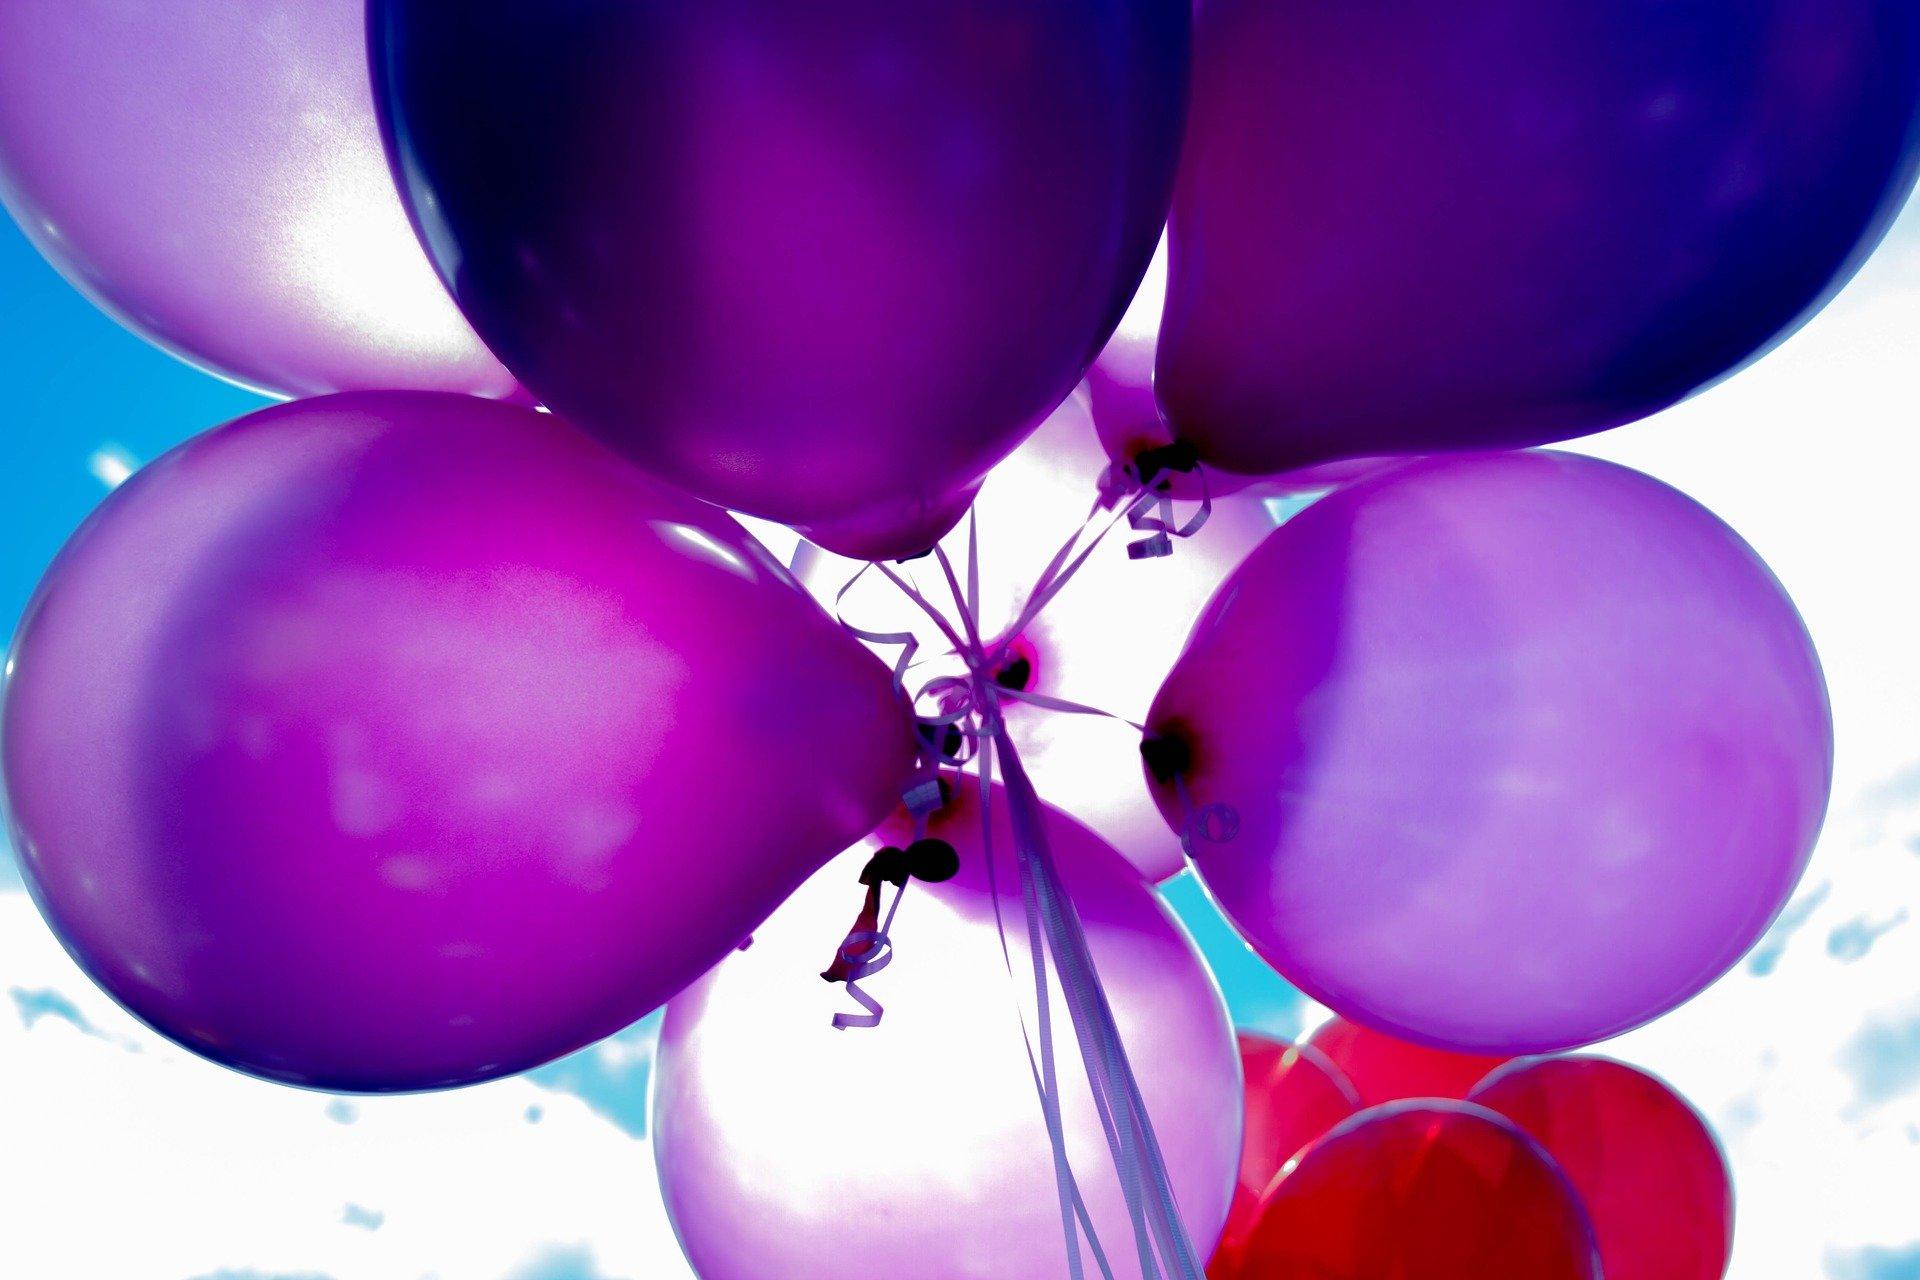 balloons-1869816_1920